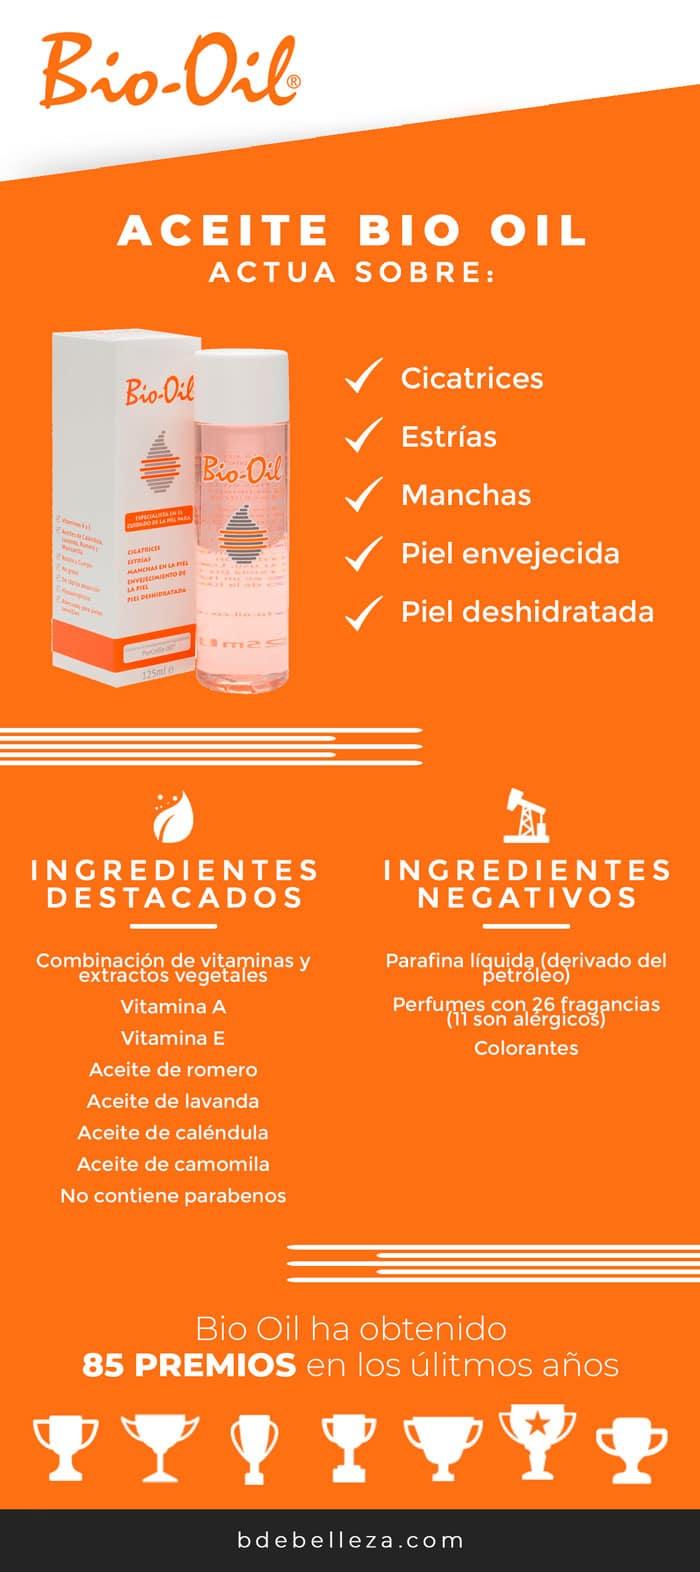 aceite bio oil